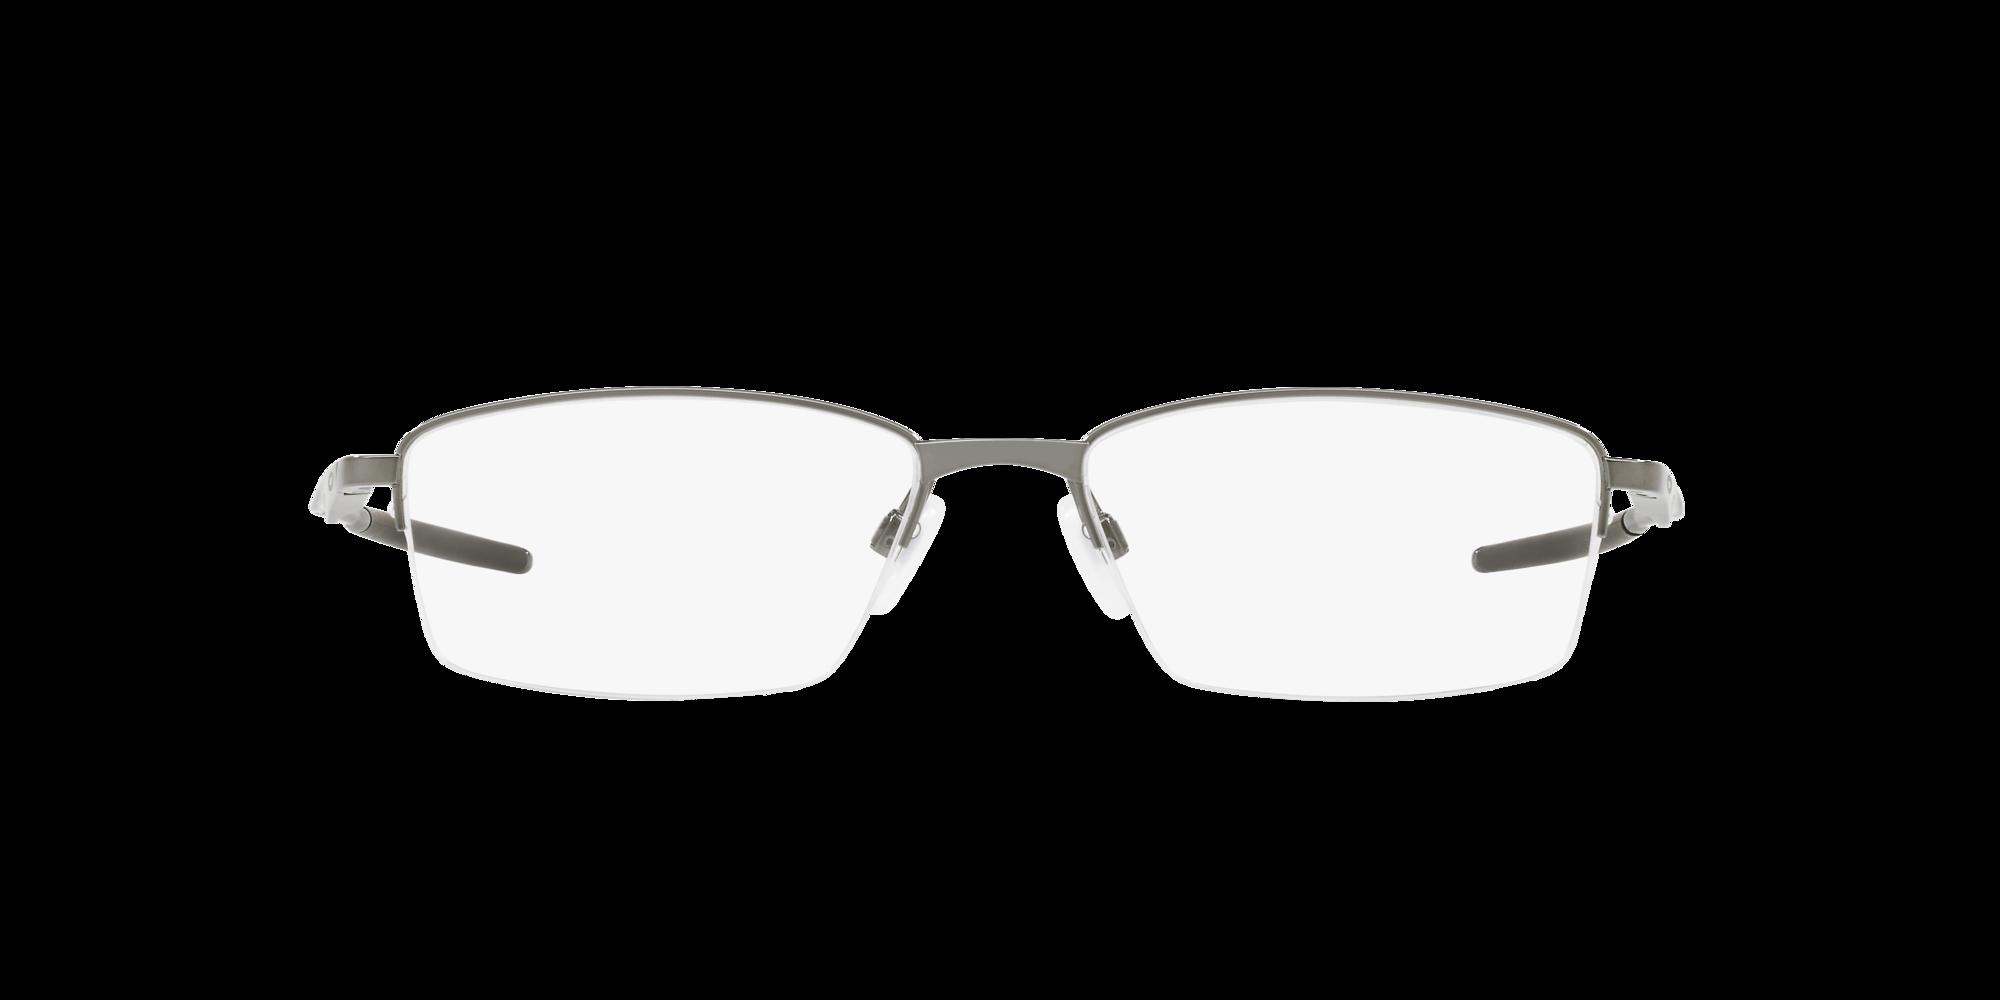 Imagen para OX5119 LIMIT SWITCH 0.5 de LensCrafters |  Espejuelos, espejuelos graduados en línea, gafas